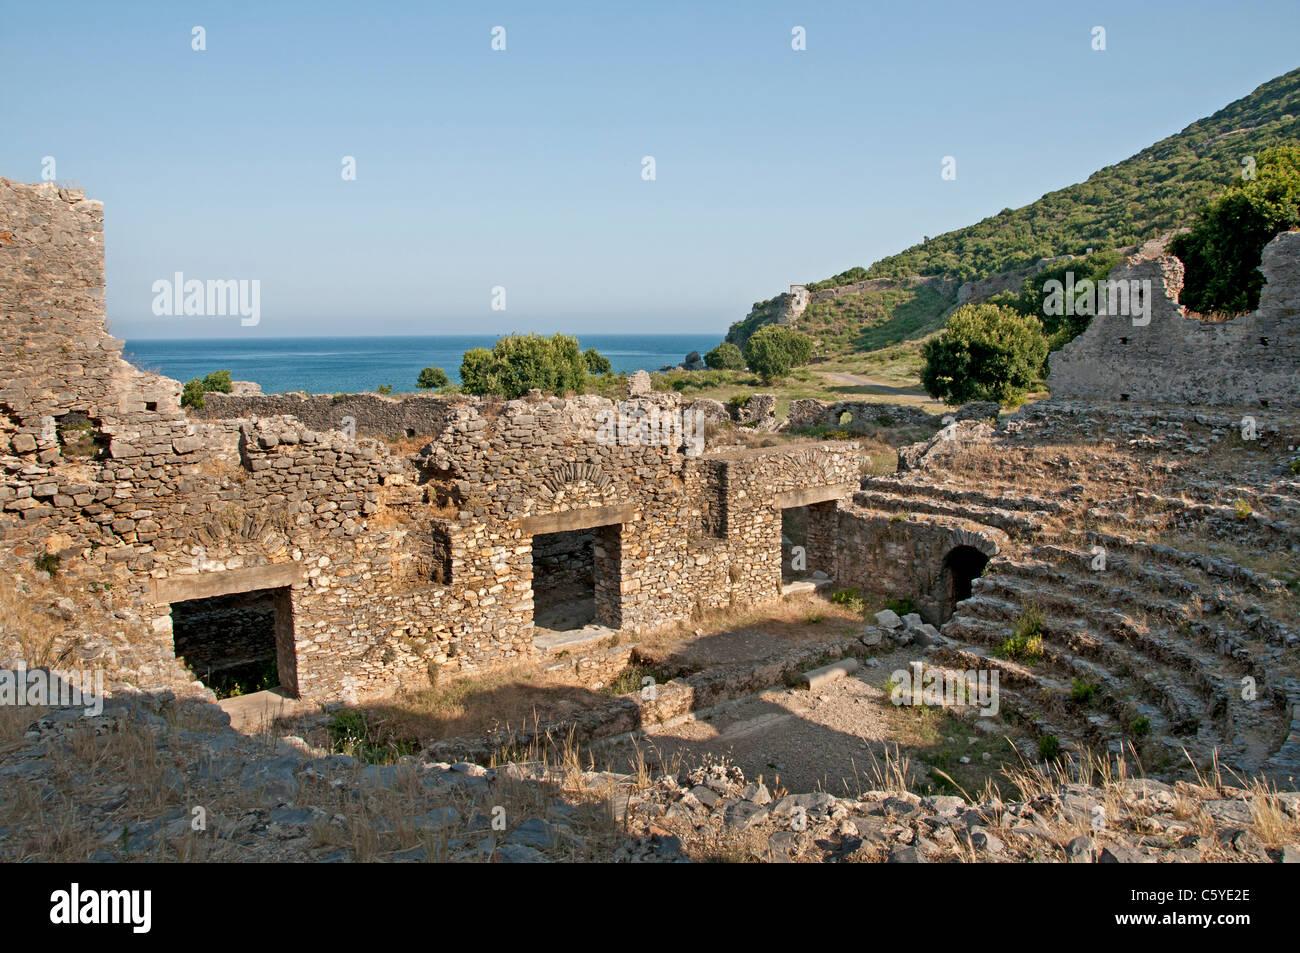 Anemurium Roman province of Rough Cilicia Turkey Turkish Anamur - Stock Image